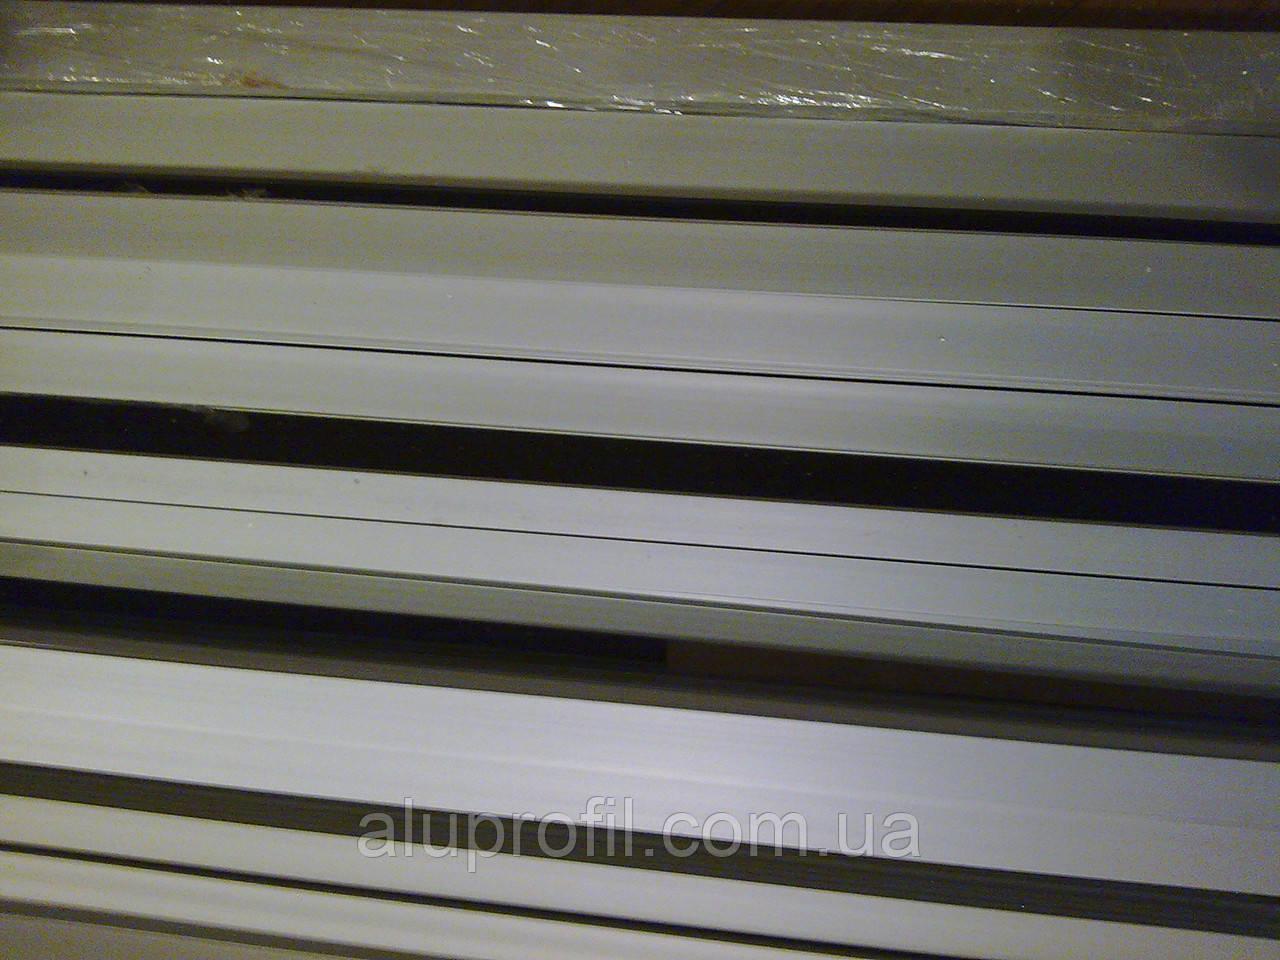 Алюминиевый профиль — полоса алюминиевая 20х1,5